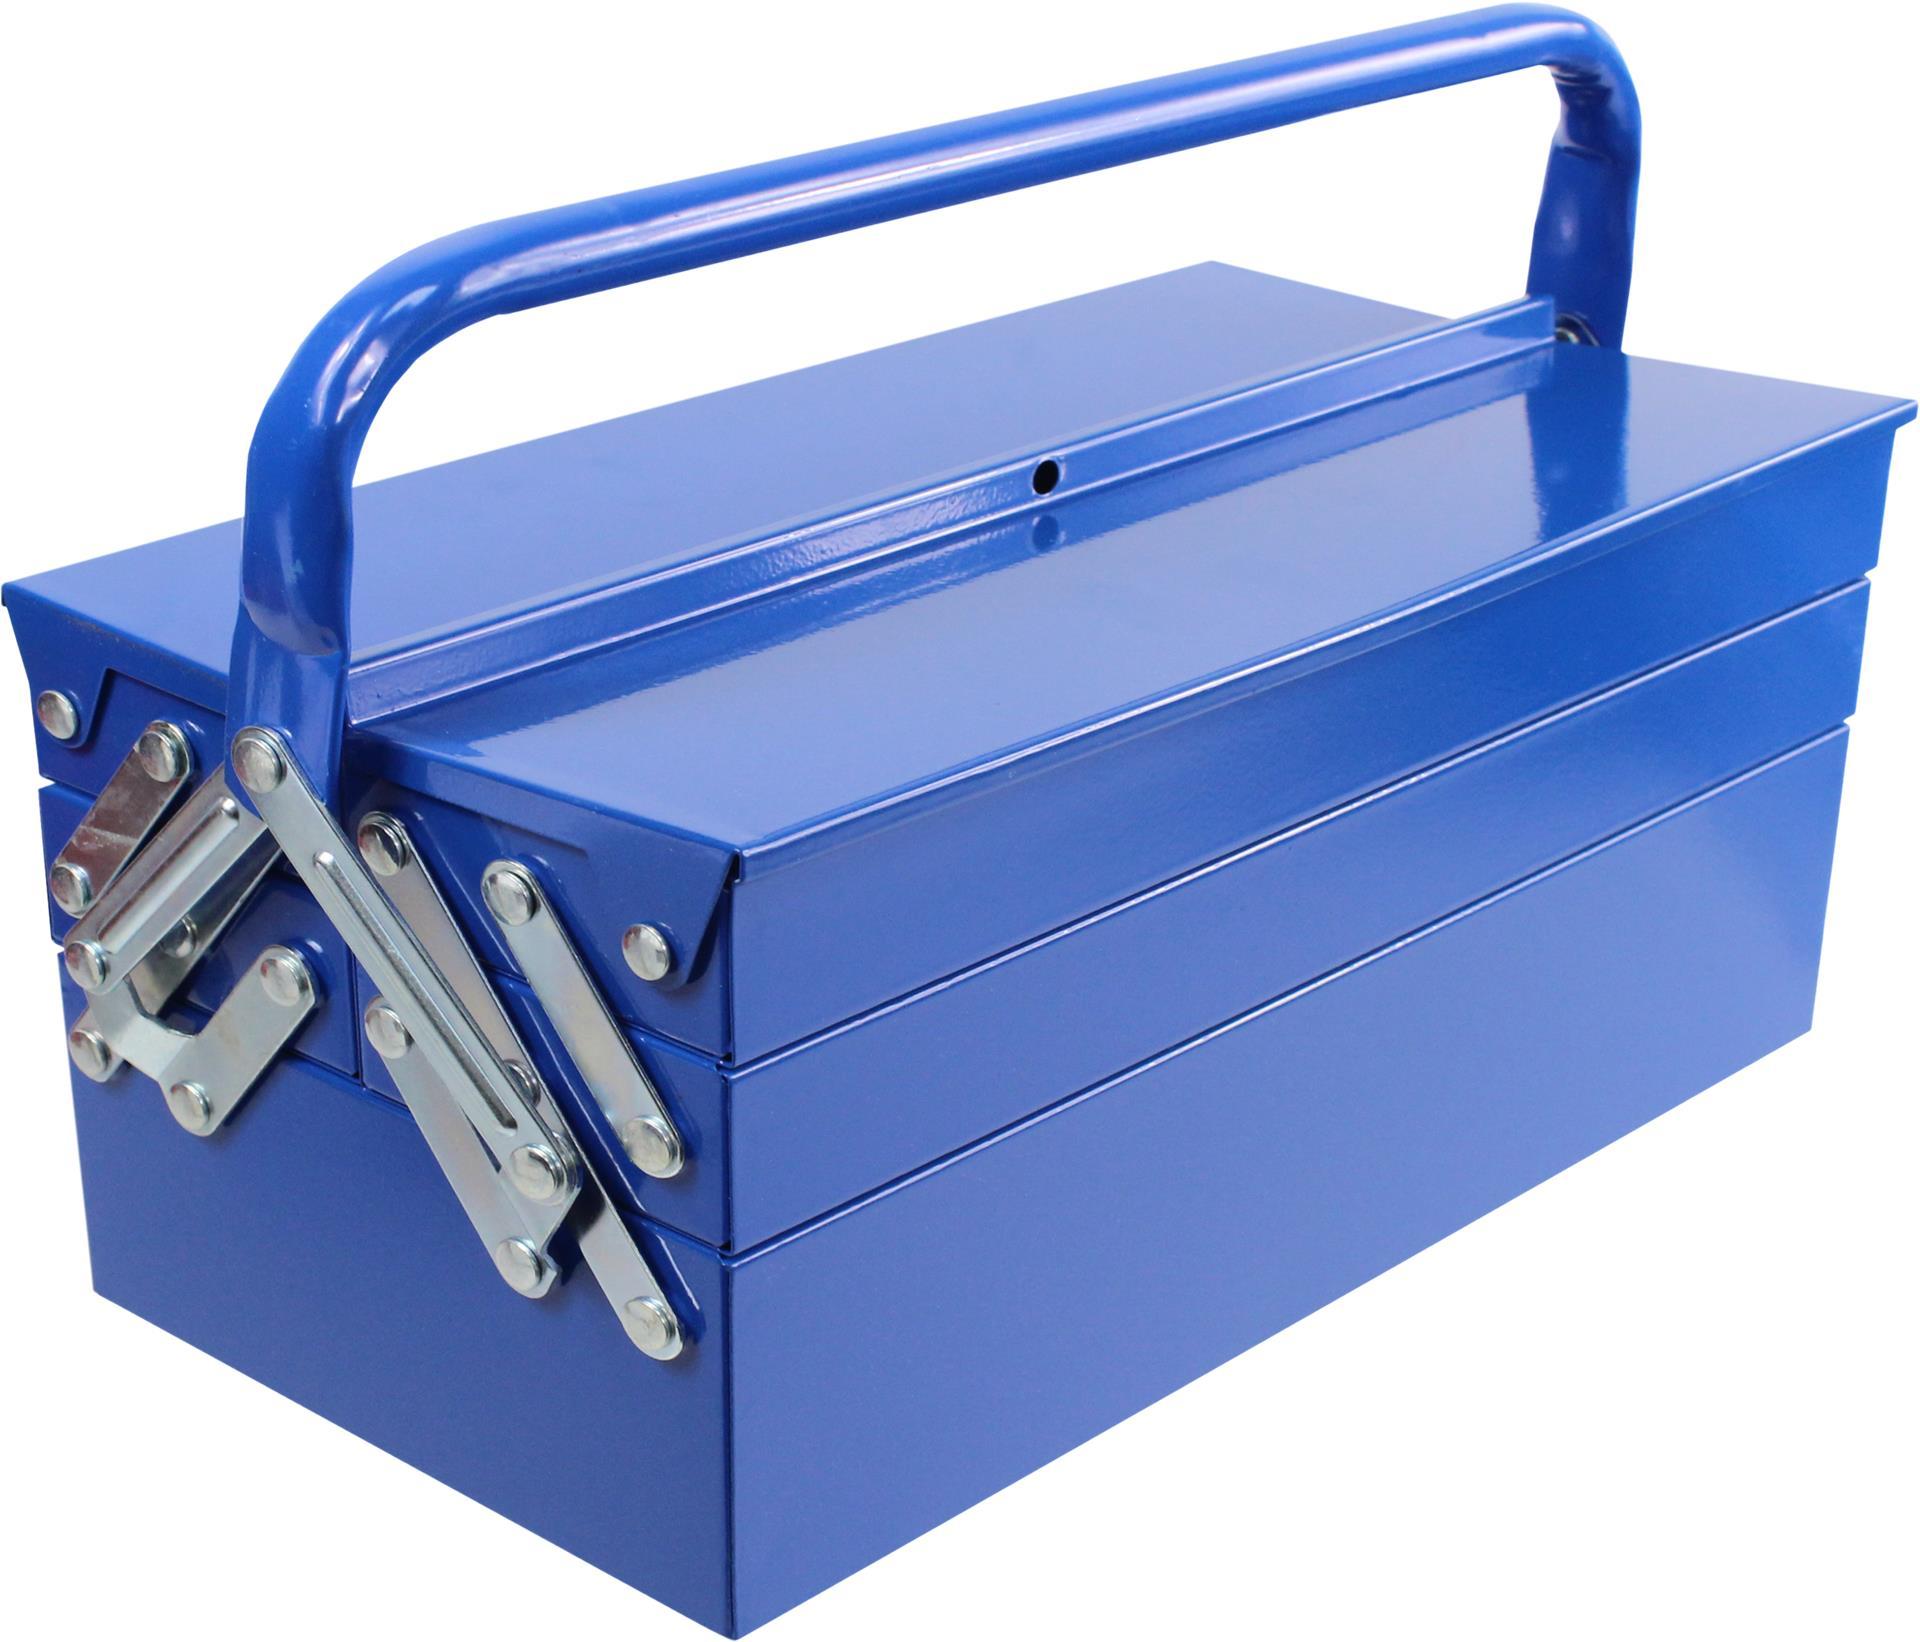 MADEIRA - Caixa de ferramentas MADER METÁLICA 420X200X200